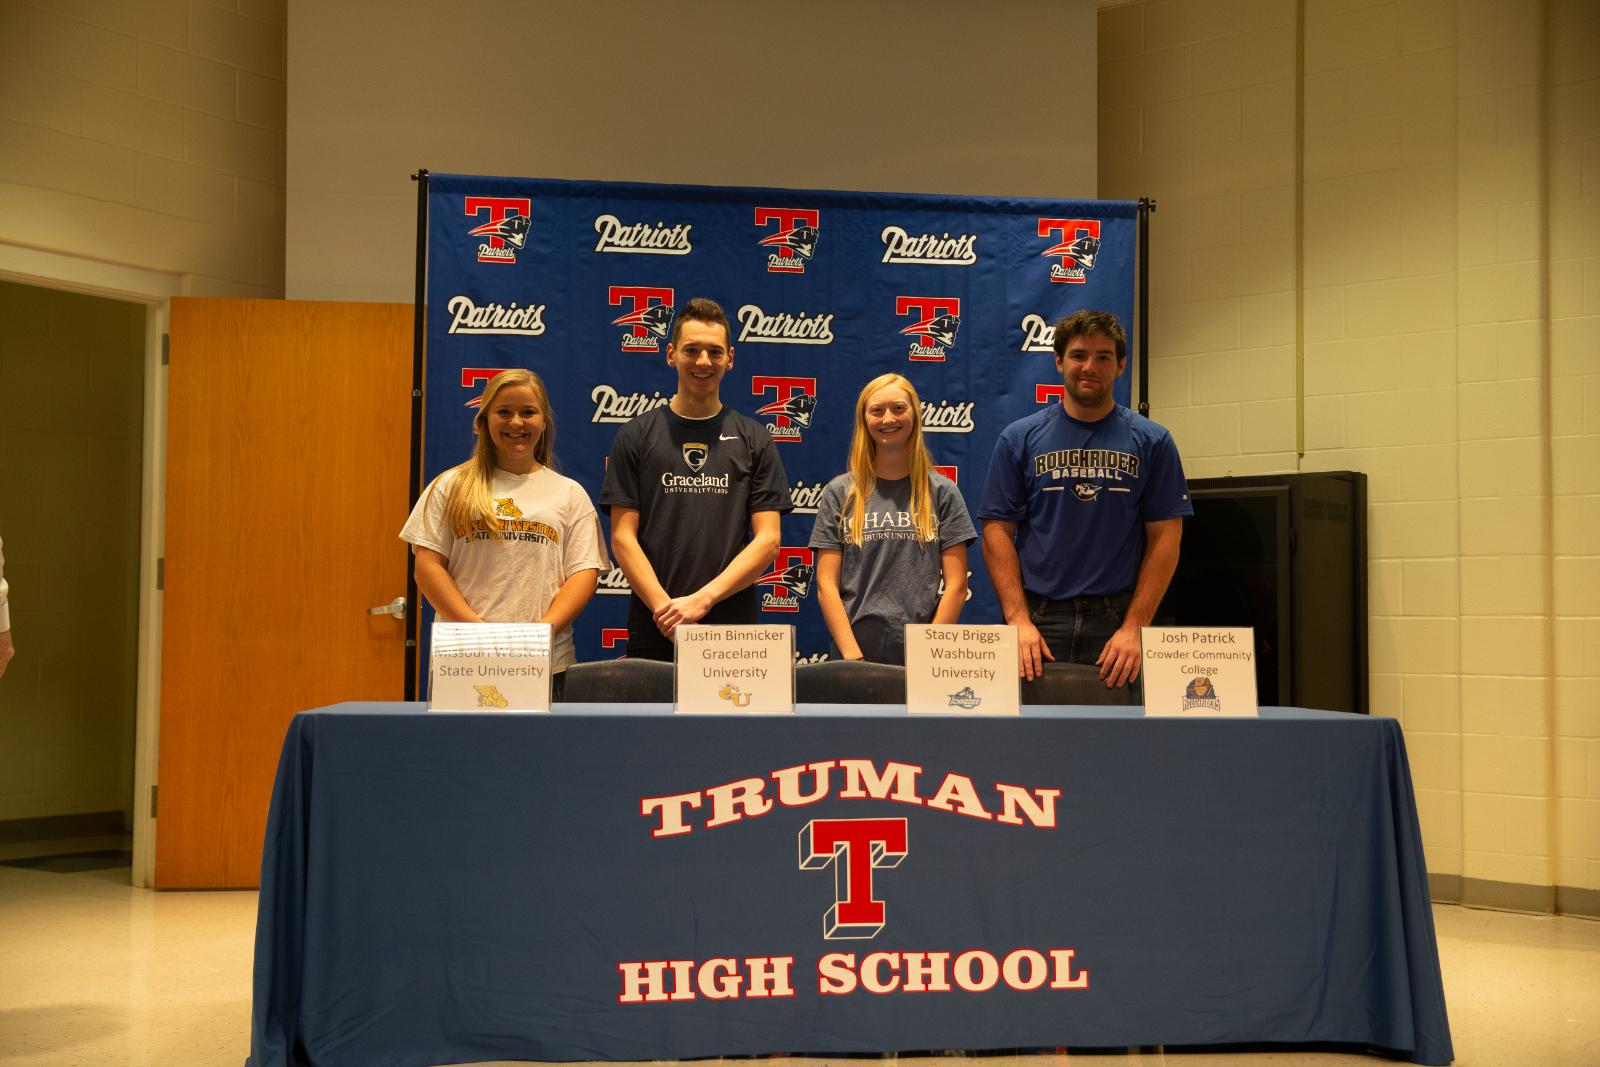 Signing Day at Truman!